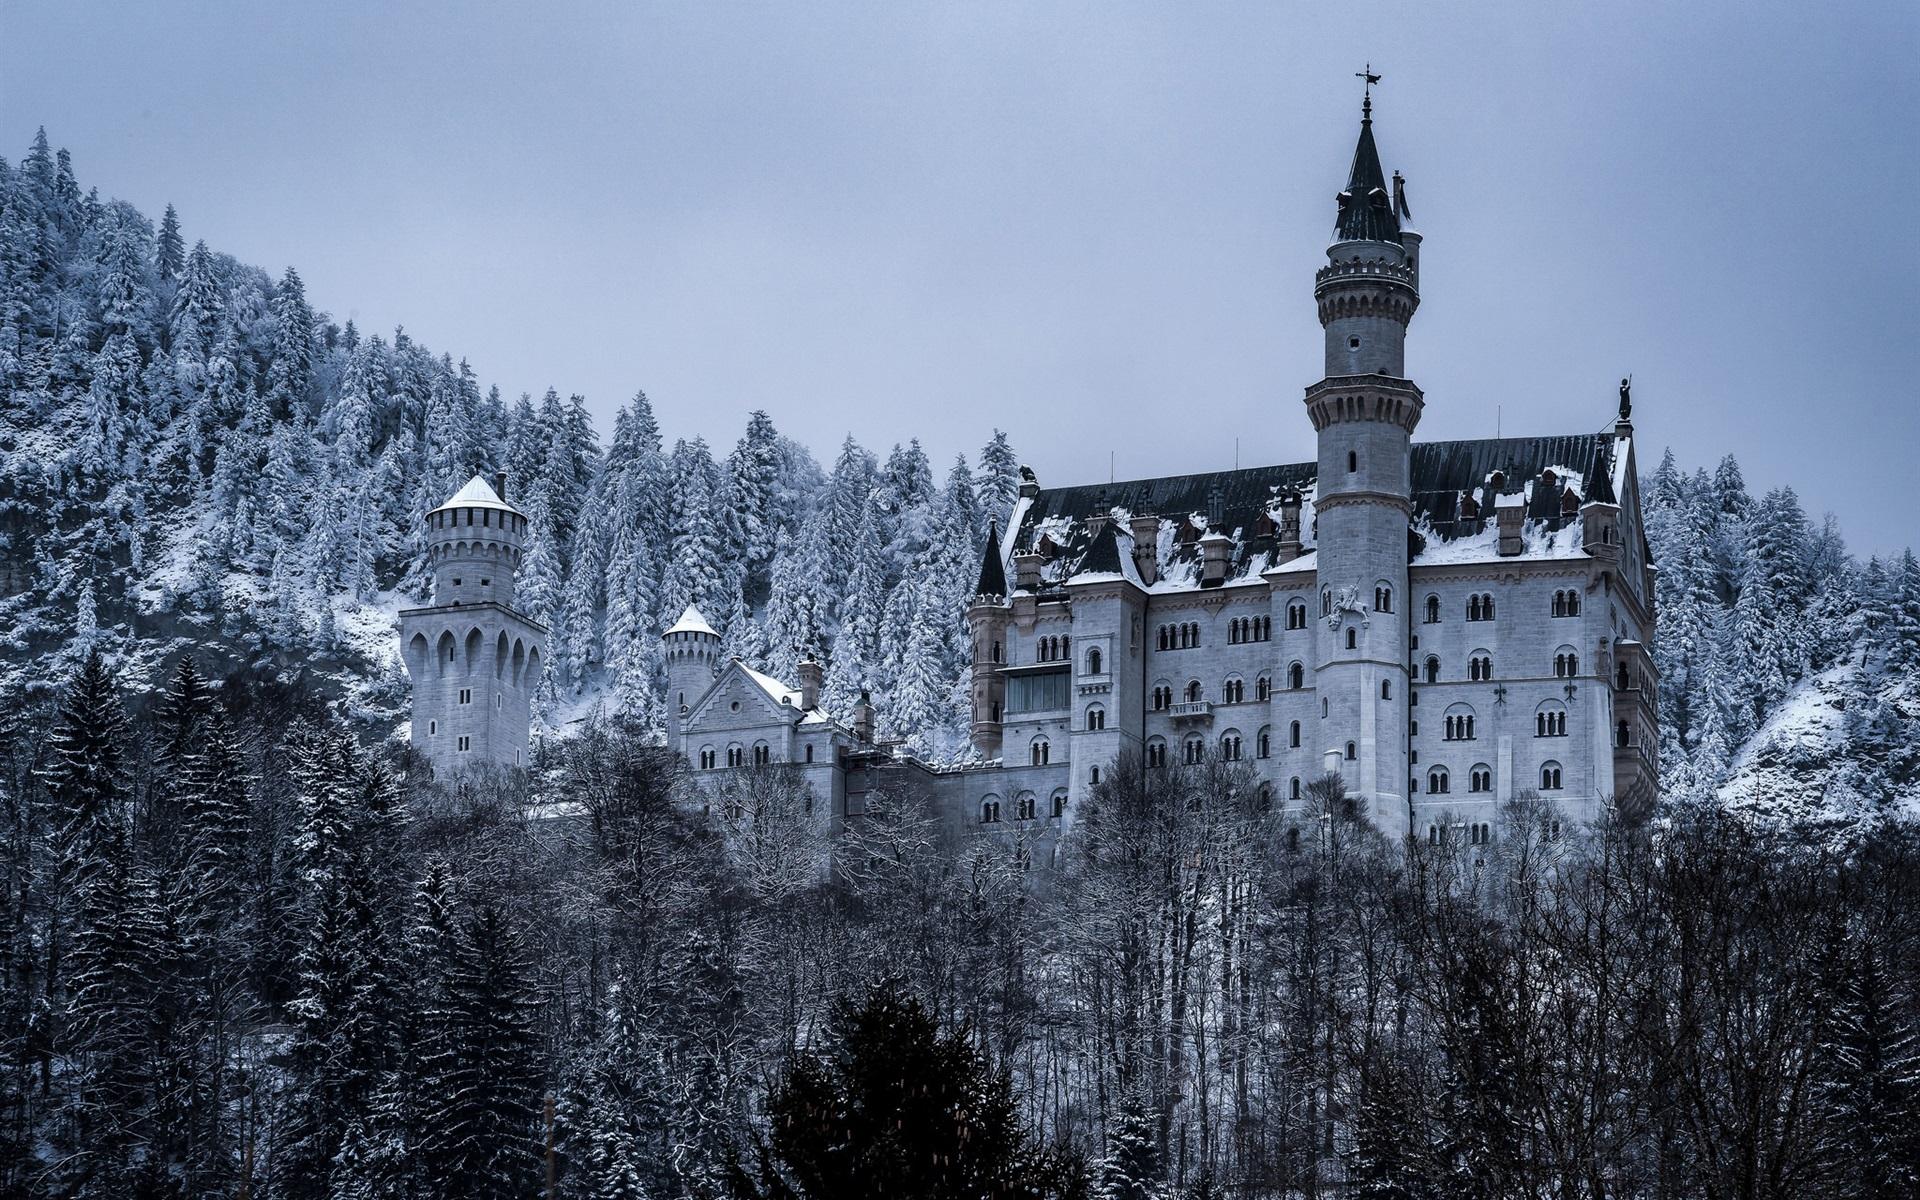 deutschland bayern schloss neuschwanstein b ume schnee winter 1920x1200 hd. Black Bedroom Furniture Sets. Home Design Ideas